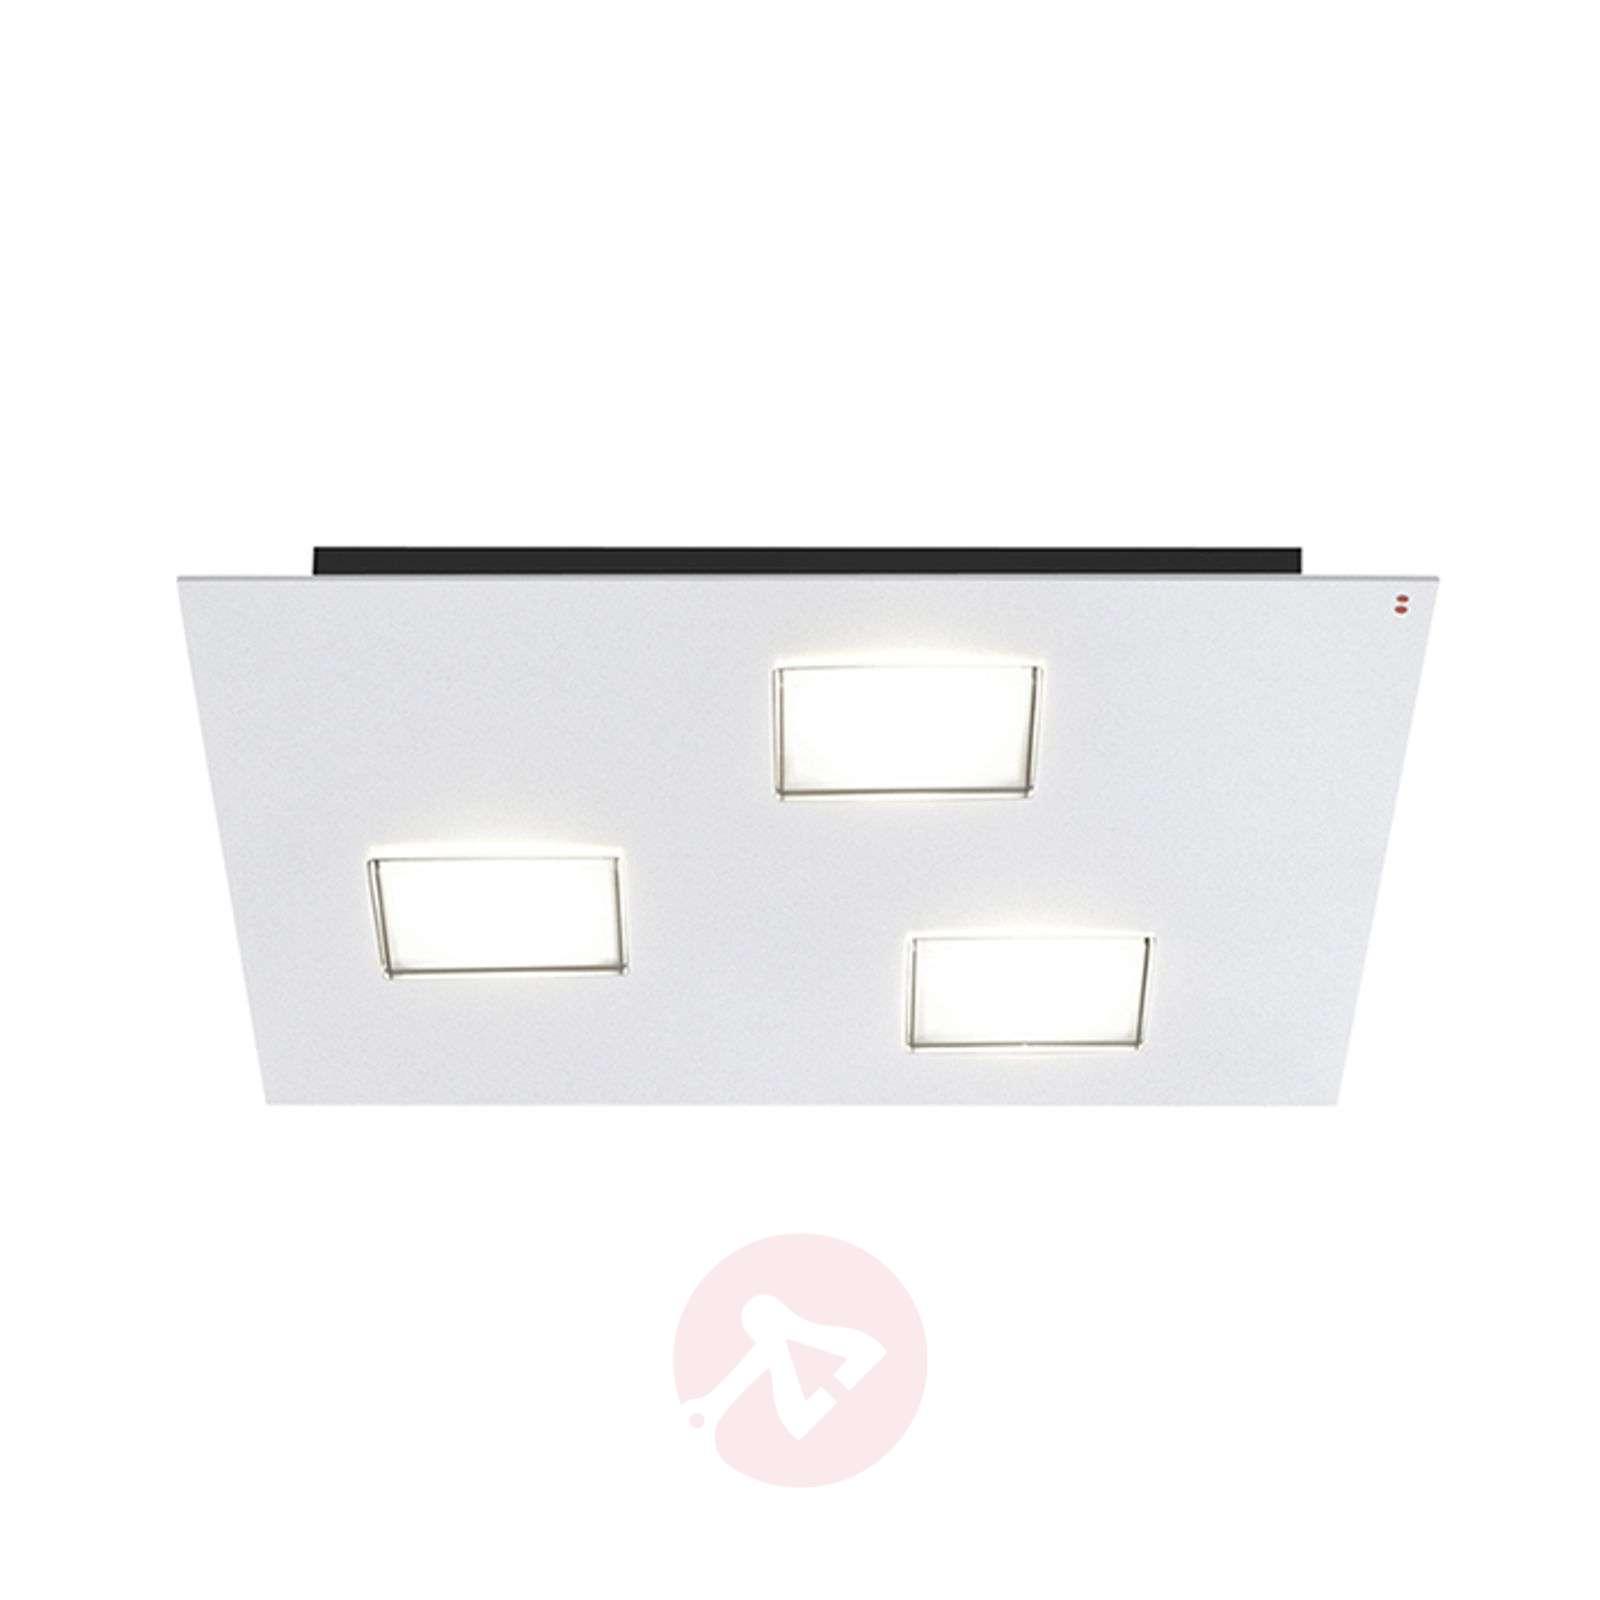 Quarter LED ceiling light in white with 3 LEDs-3503237-01